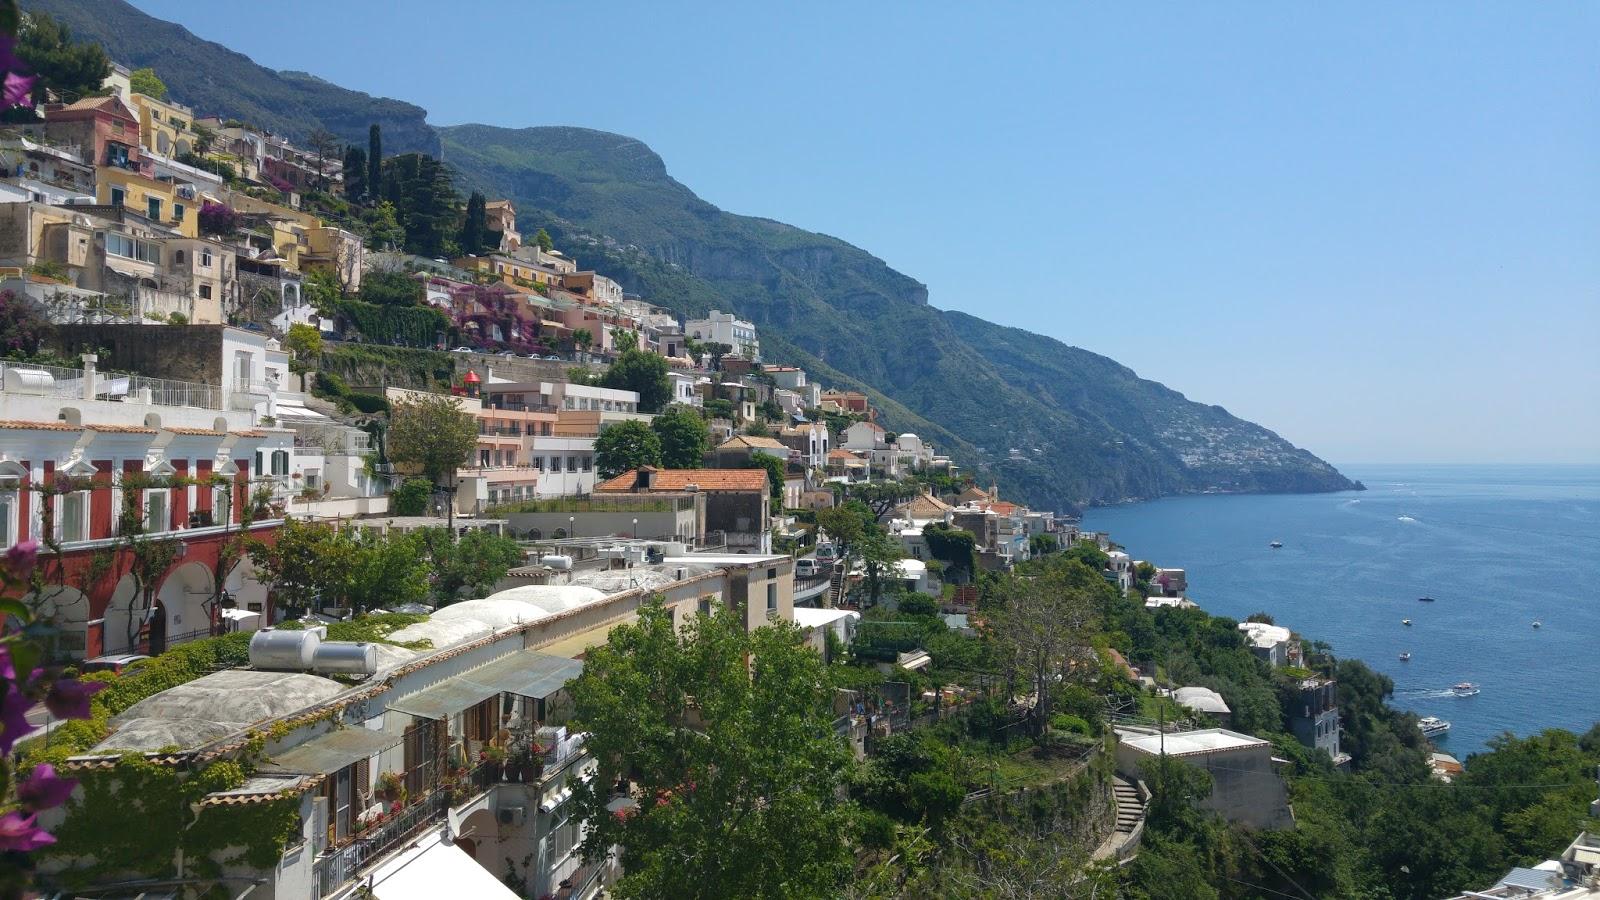 Yamaçların üzerinde bir kasaba: Amalfi 93